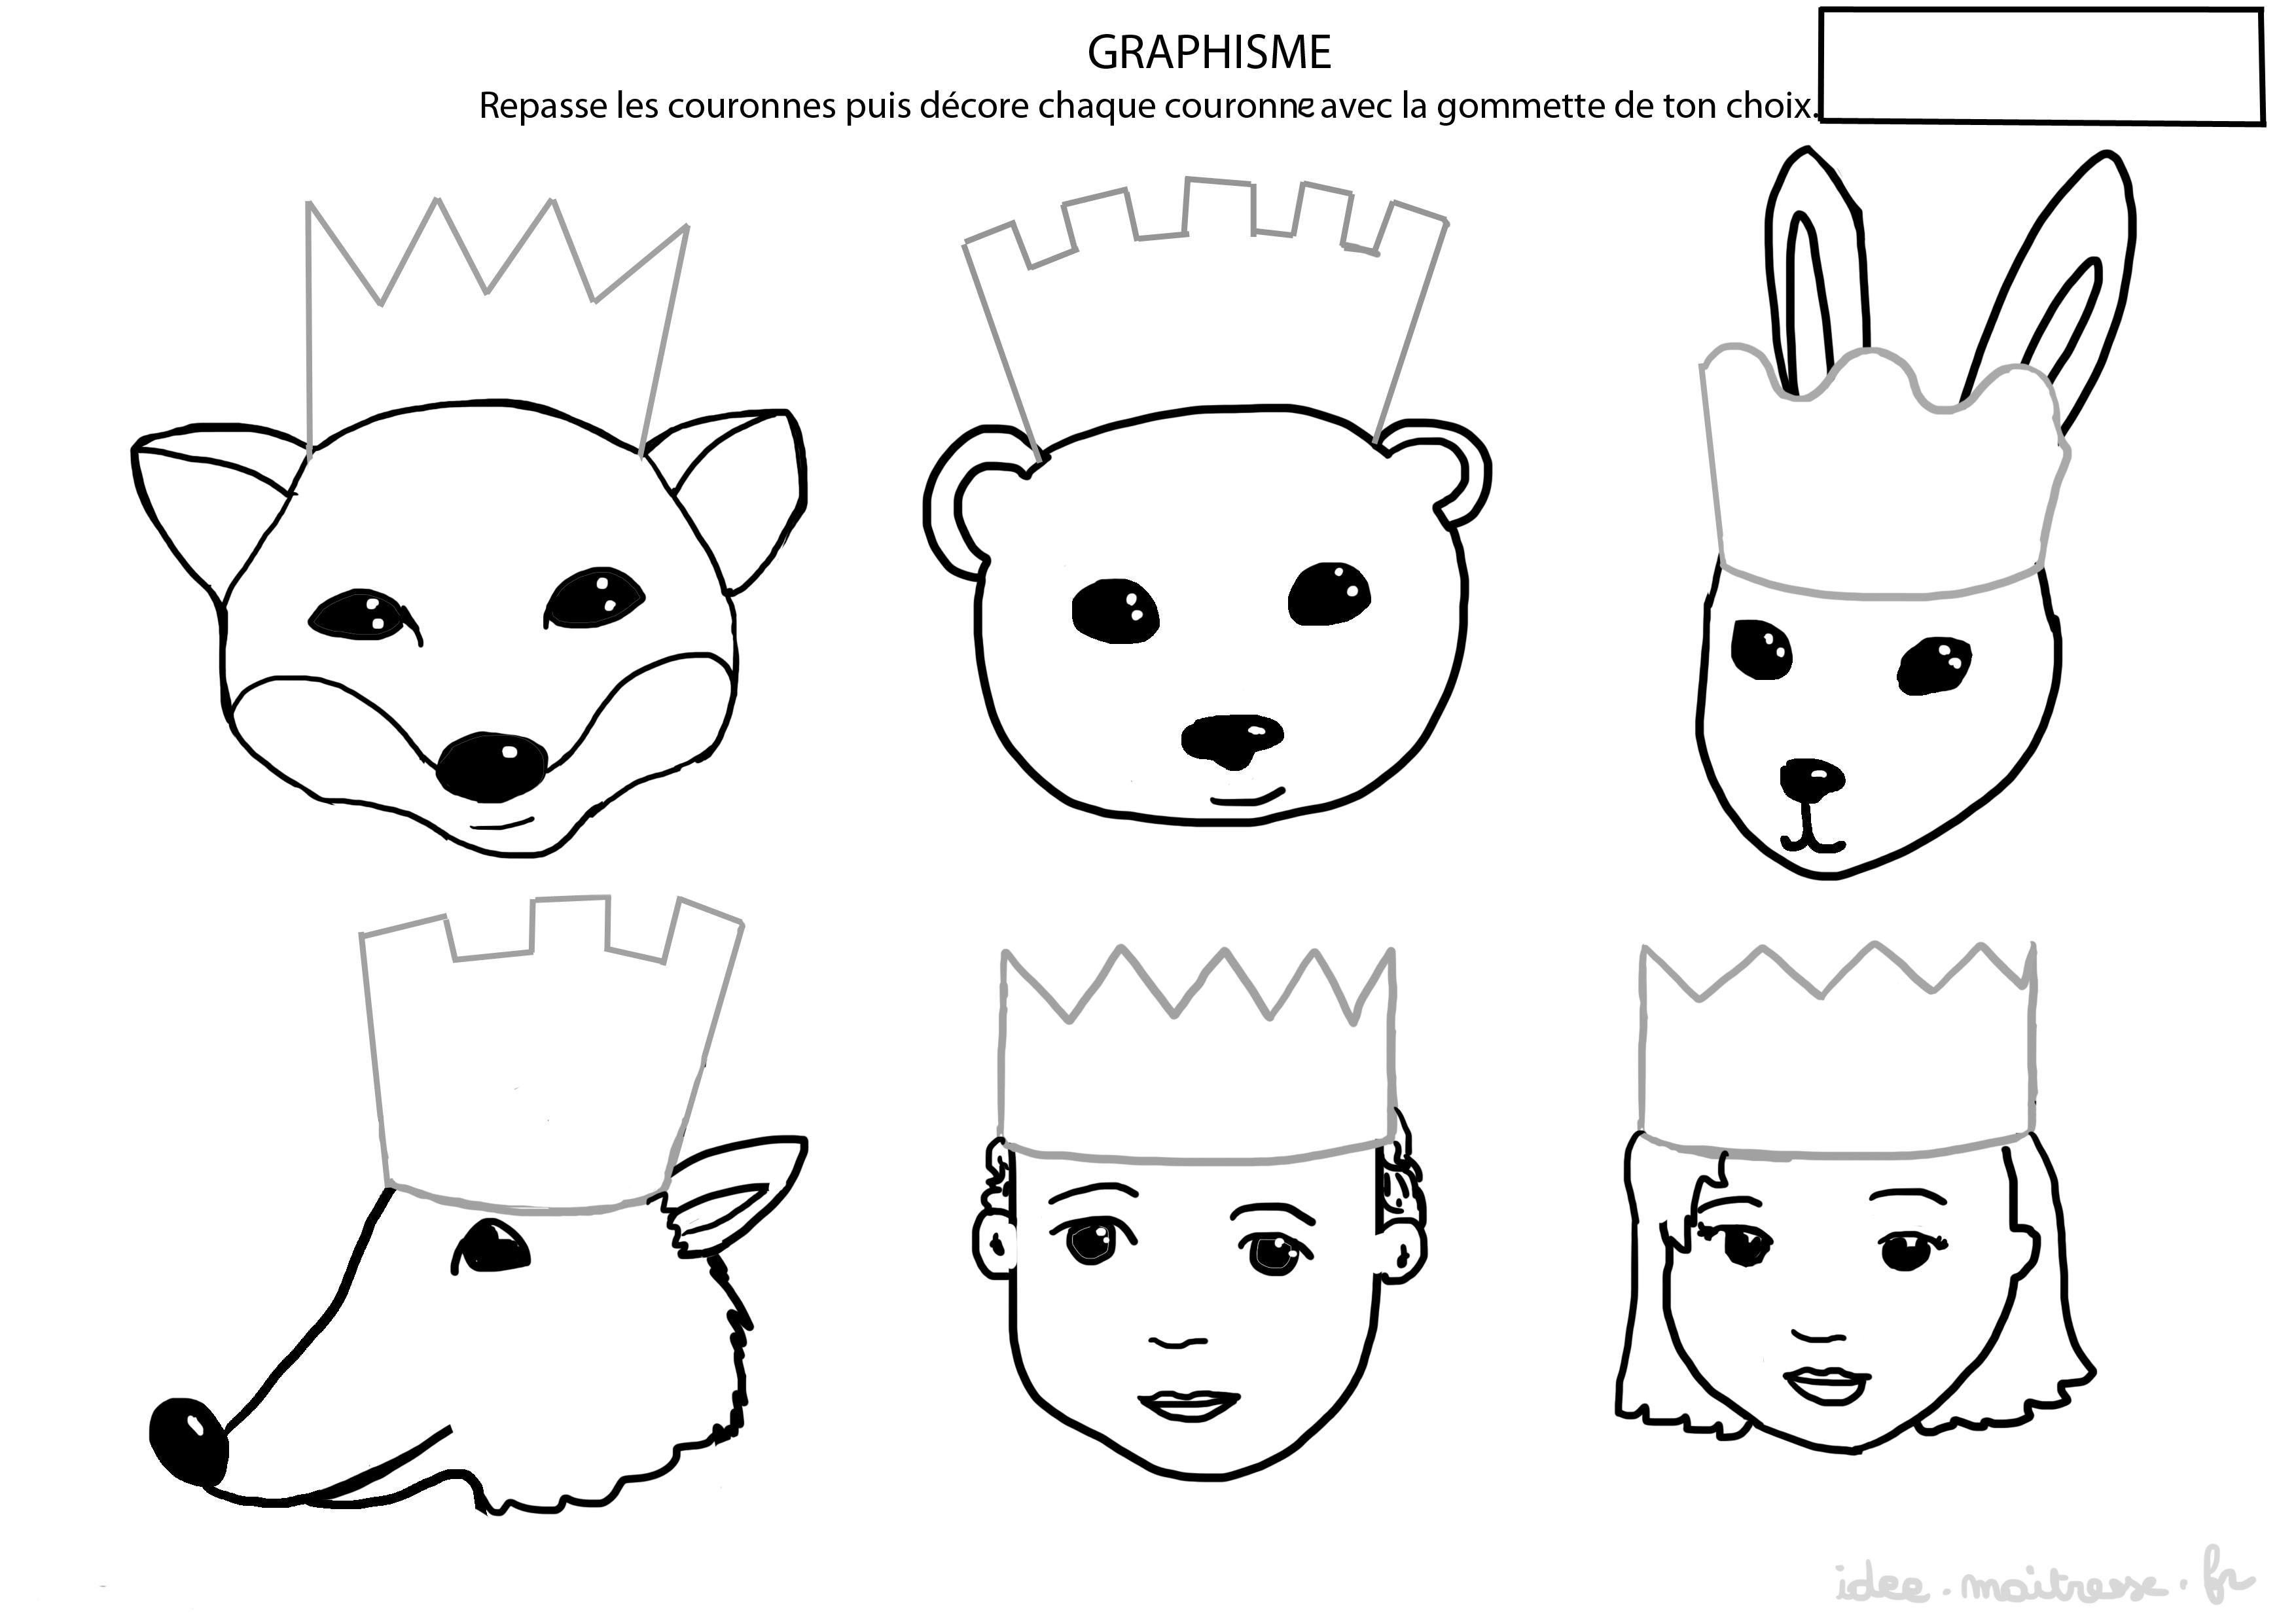 Exercices de graphismes pour la maternelle et le primaire - Image roule galette imprimer ...